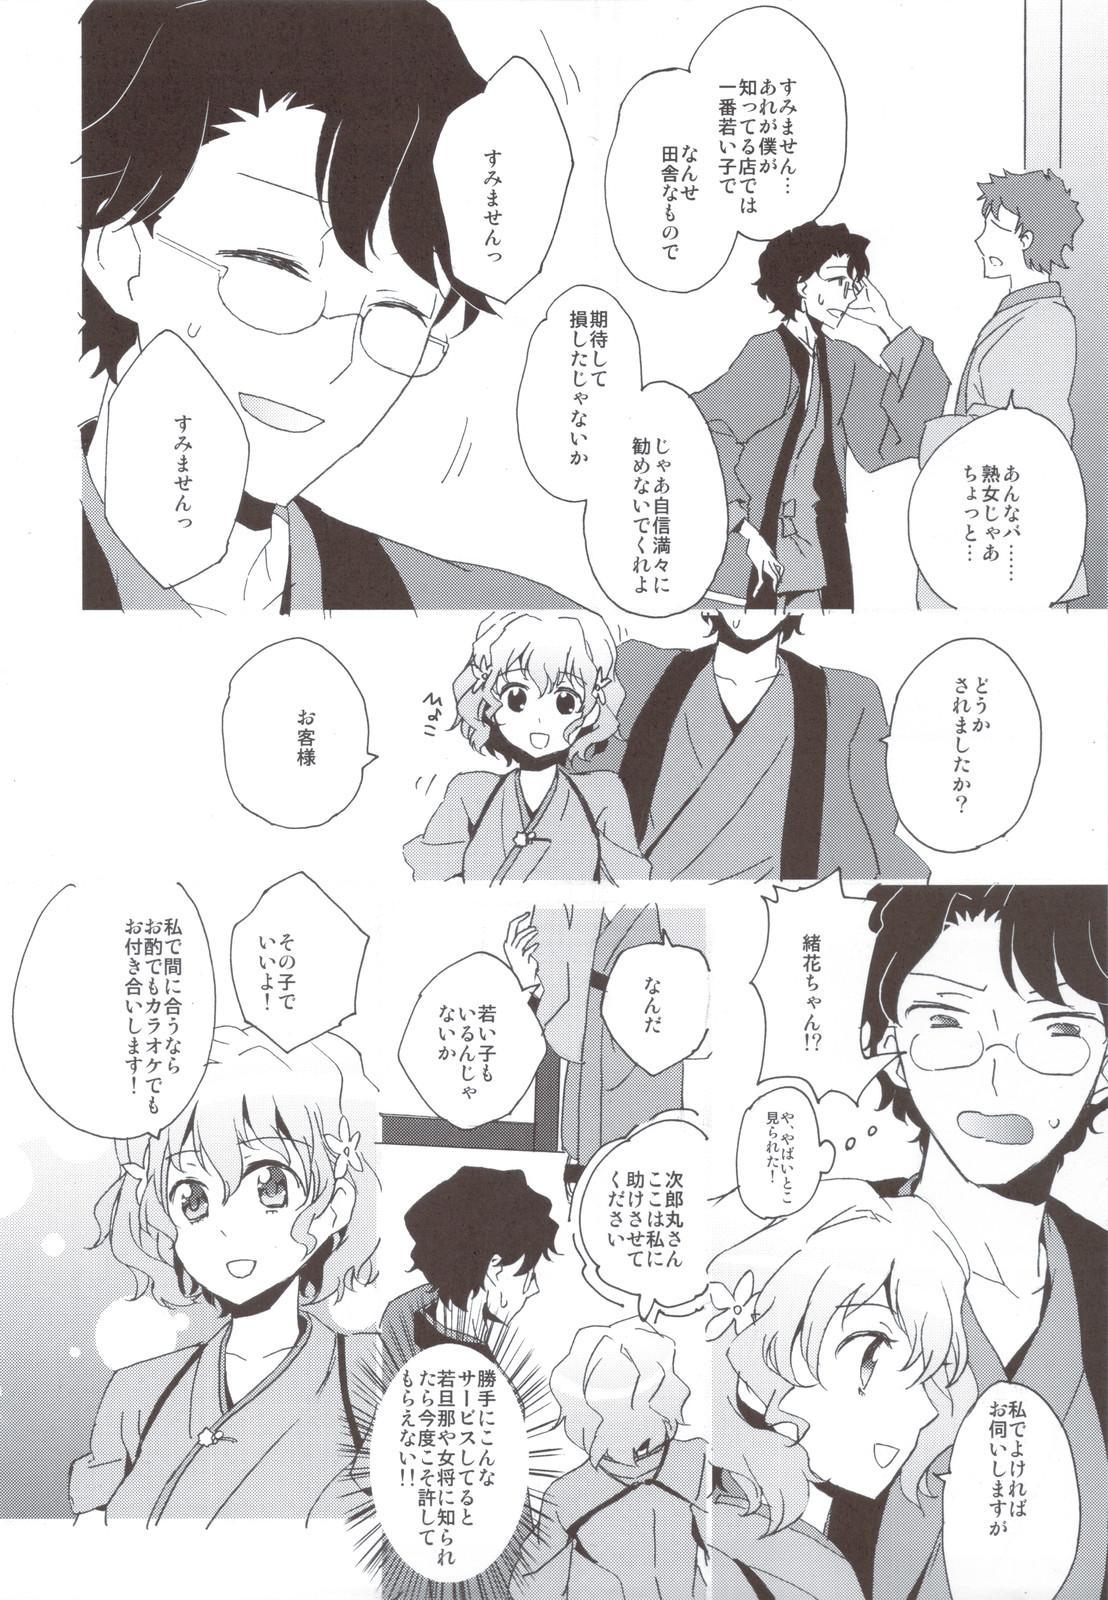 Ohana no Iroha 5